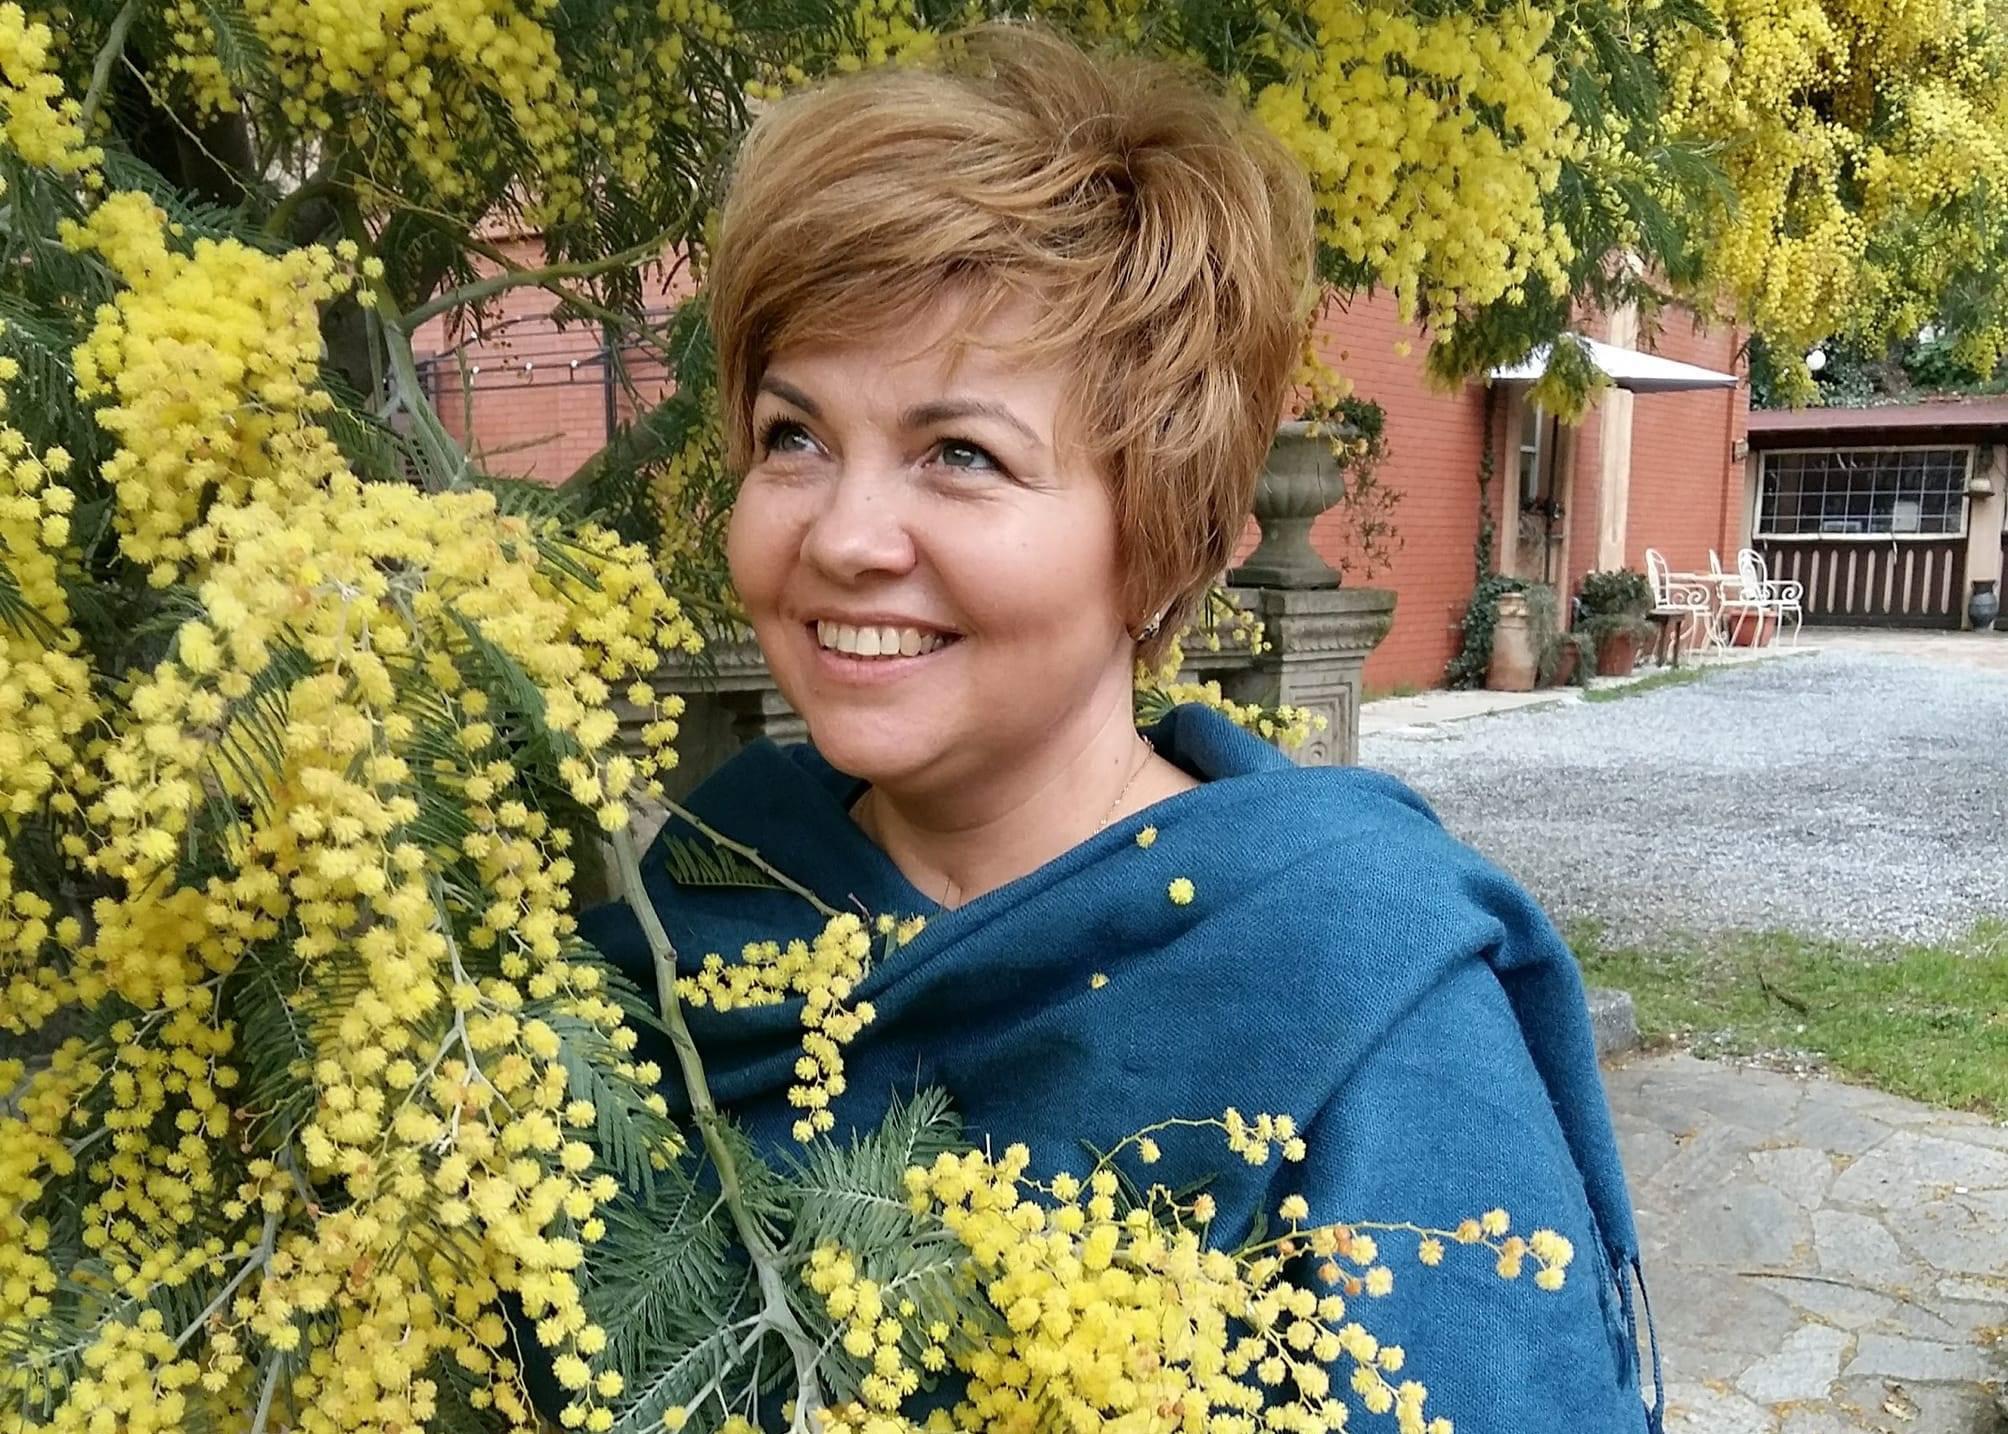 Елена Ублиева: «Выставки в состоянии сделать всё для безопасности посетителей»